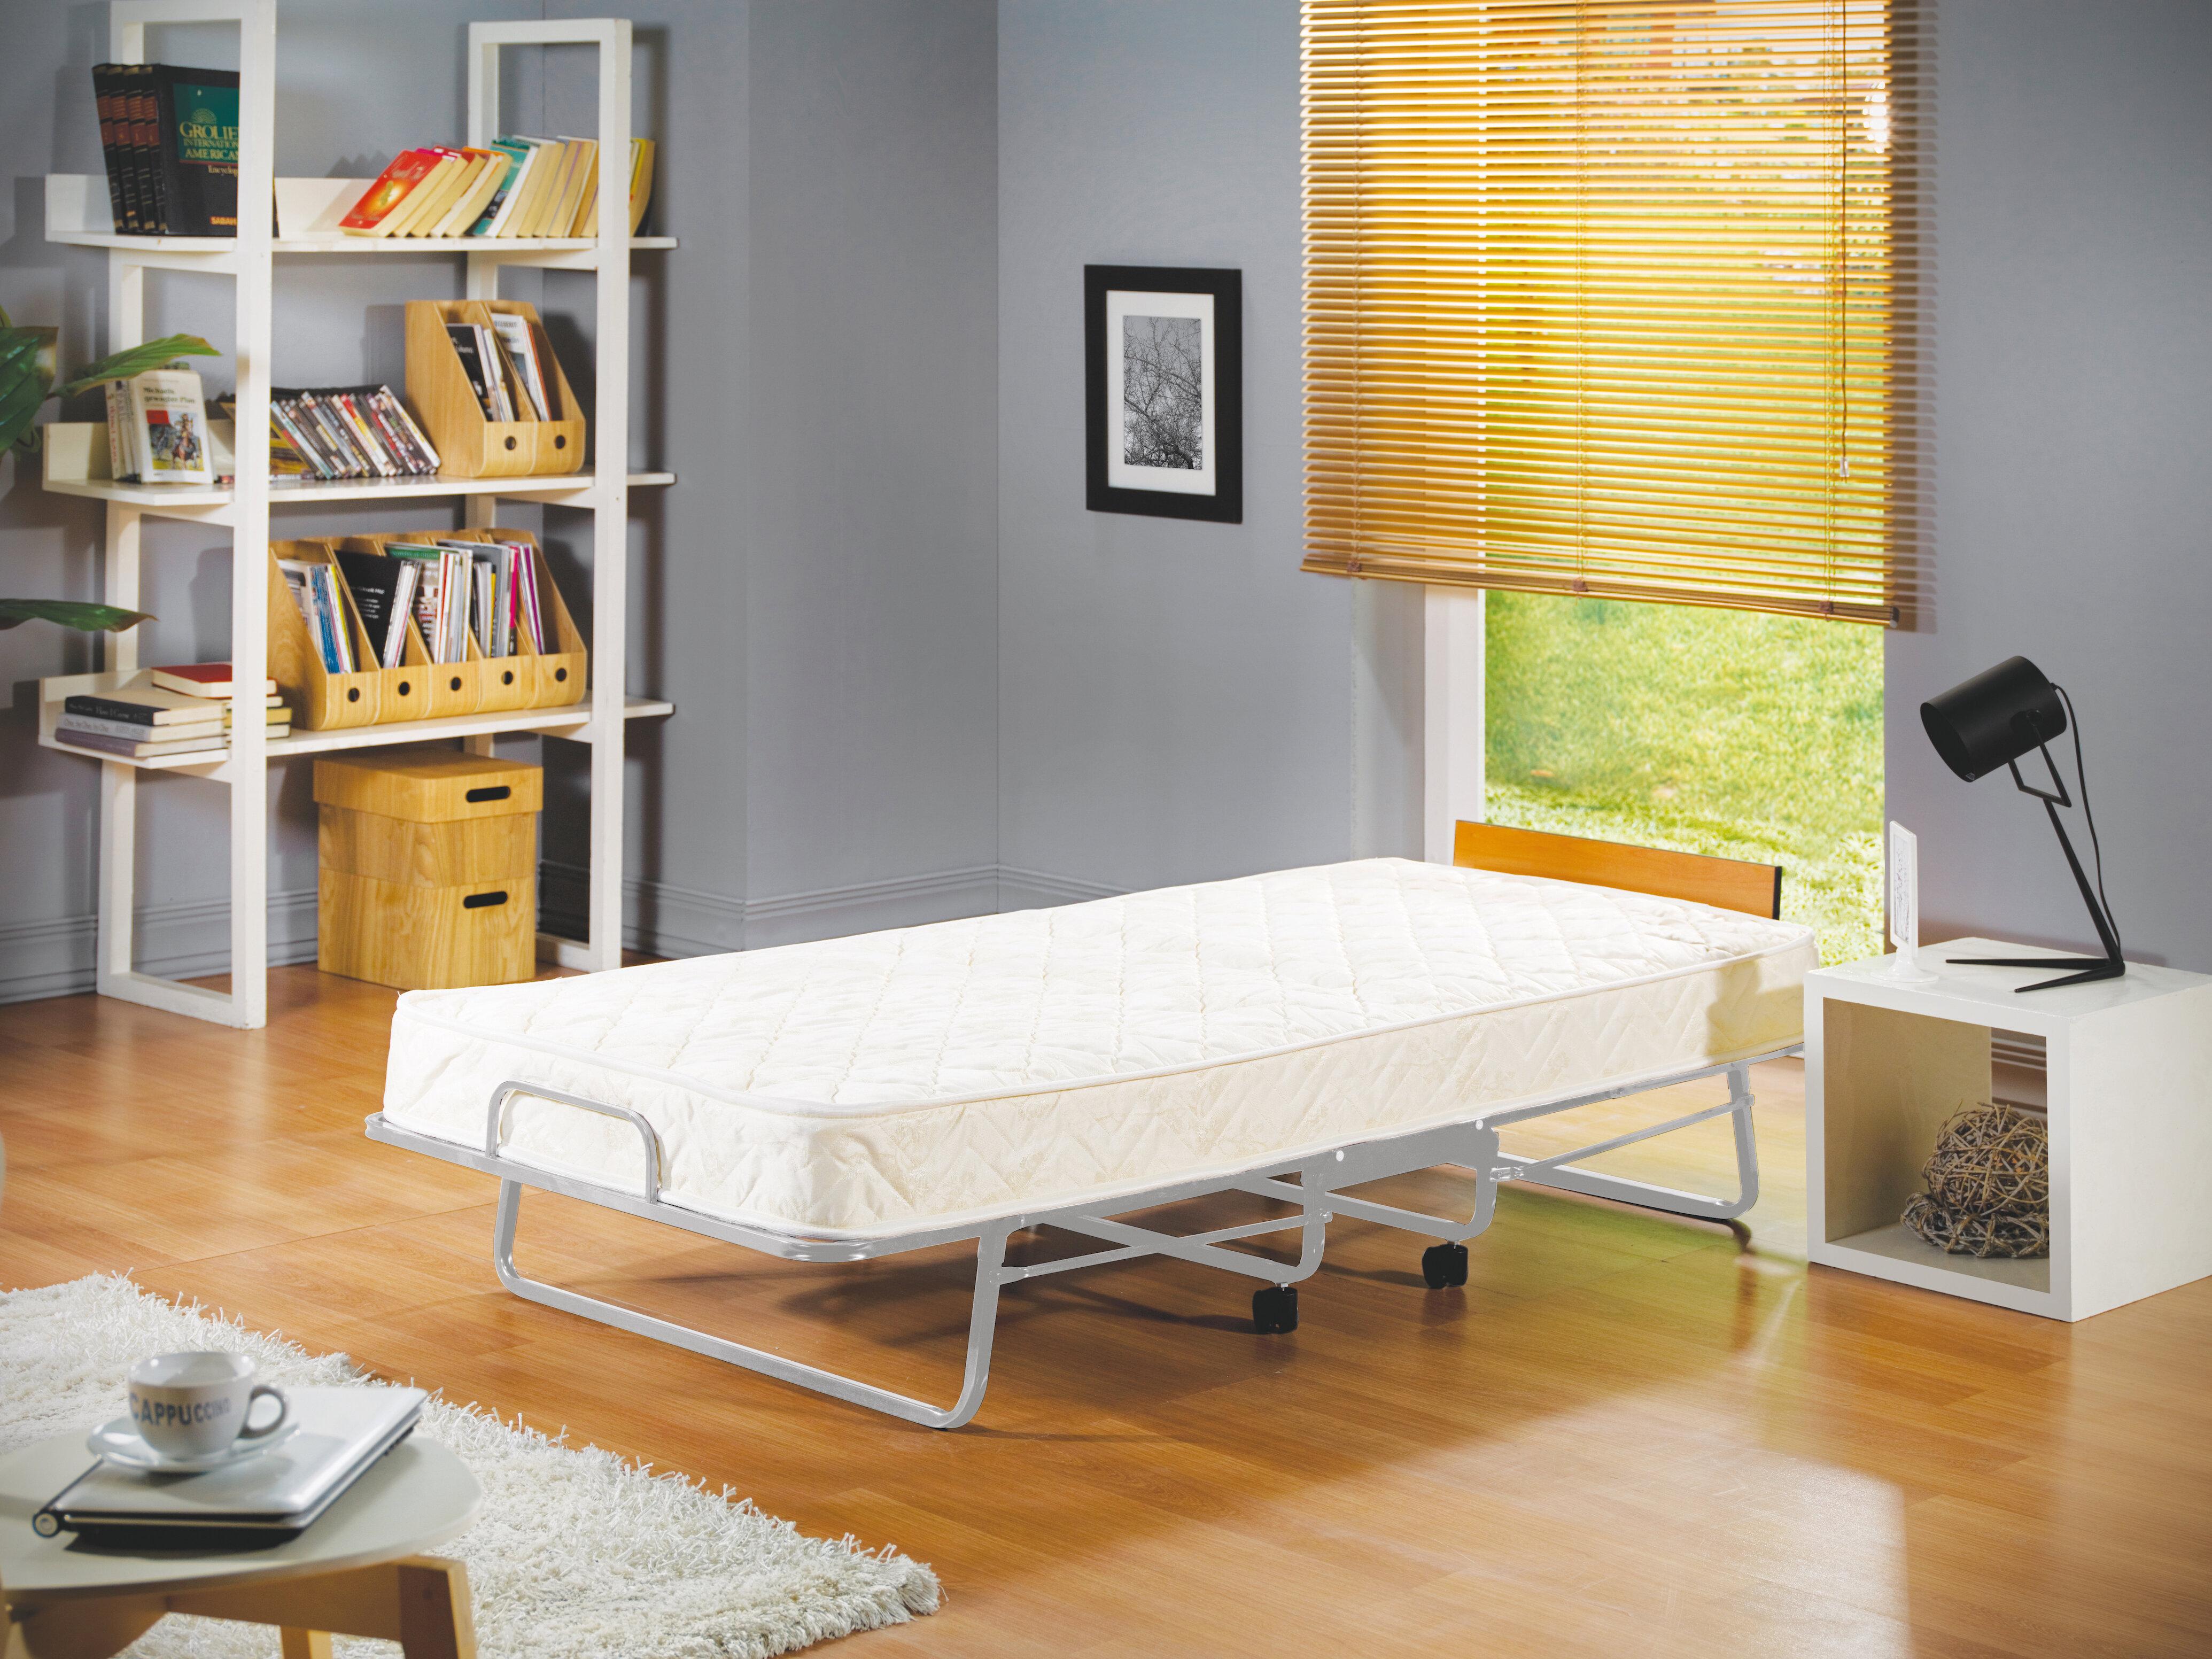 White Noise Moana Framing Folding Bed